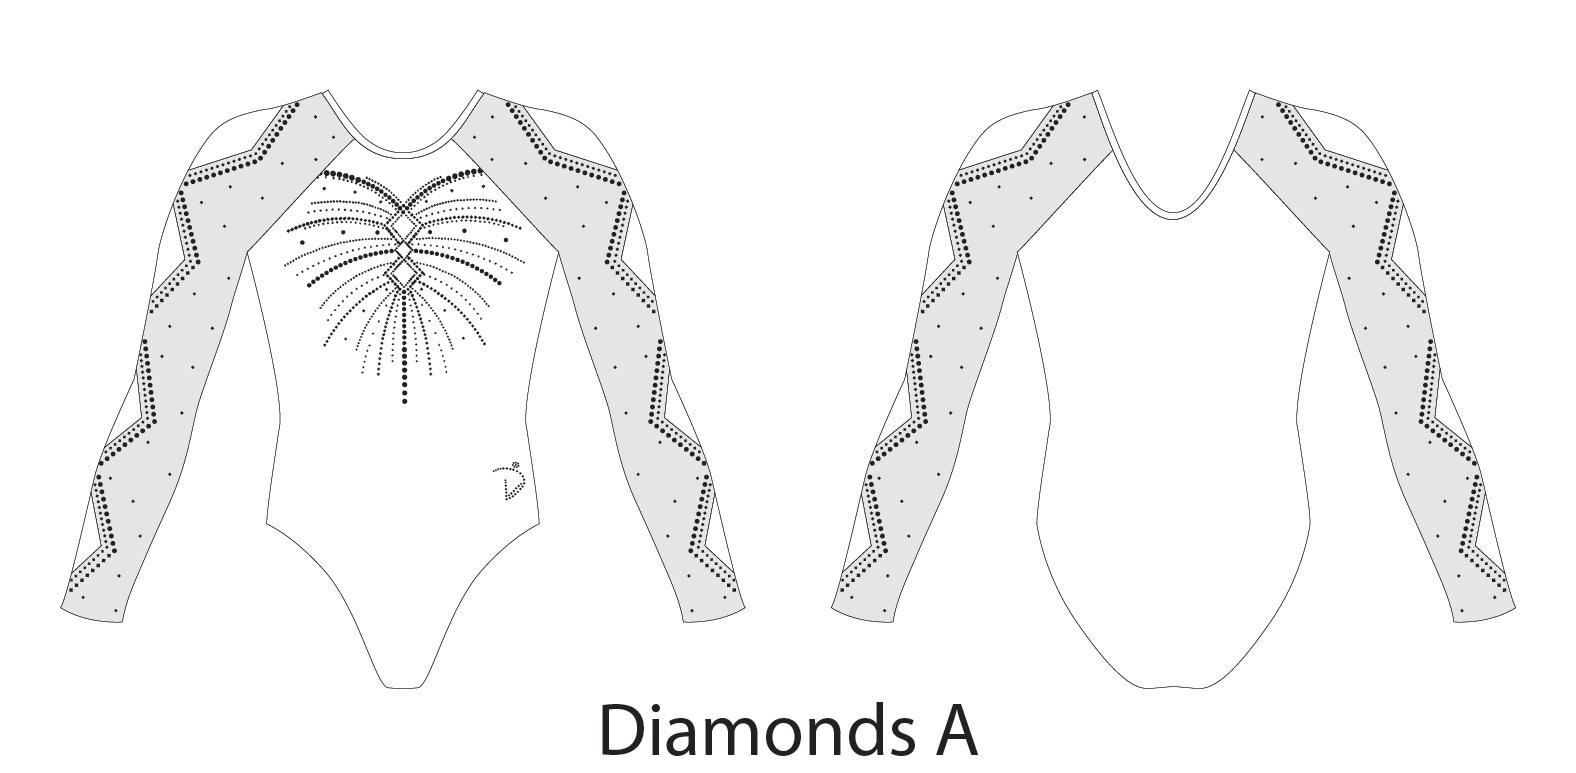 Diamonds A